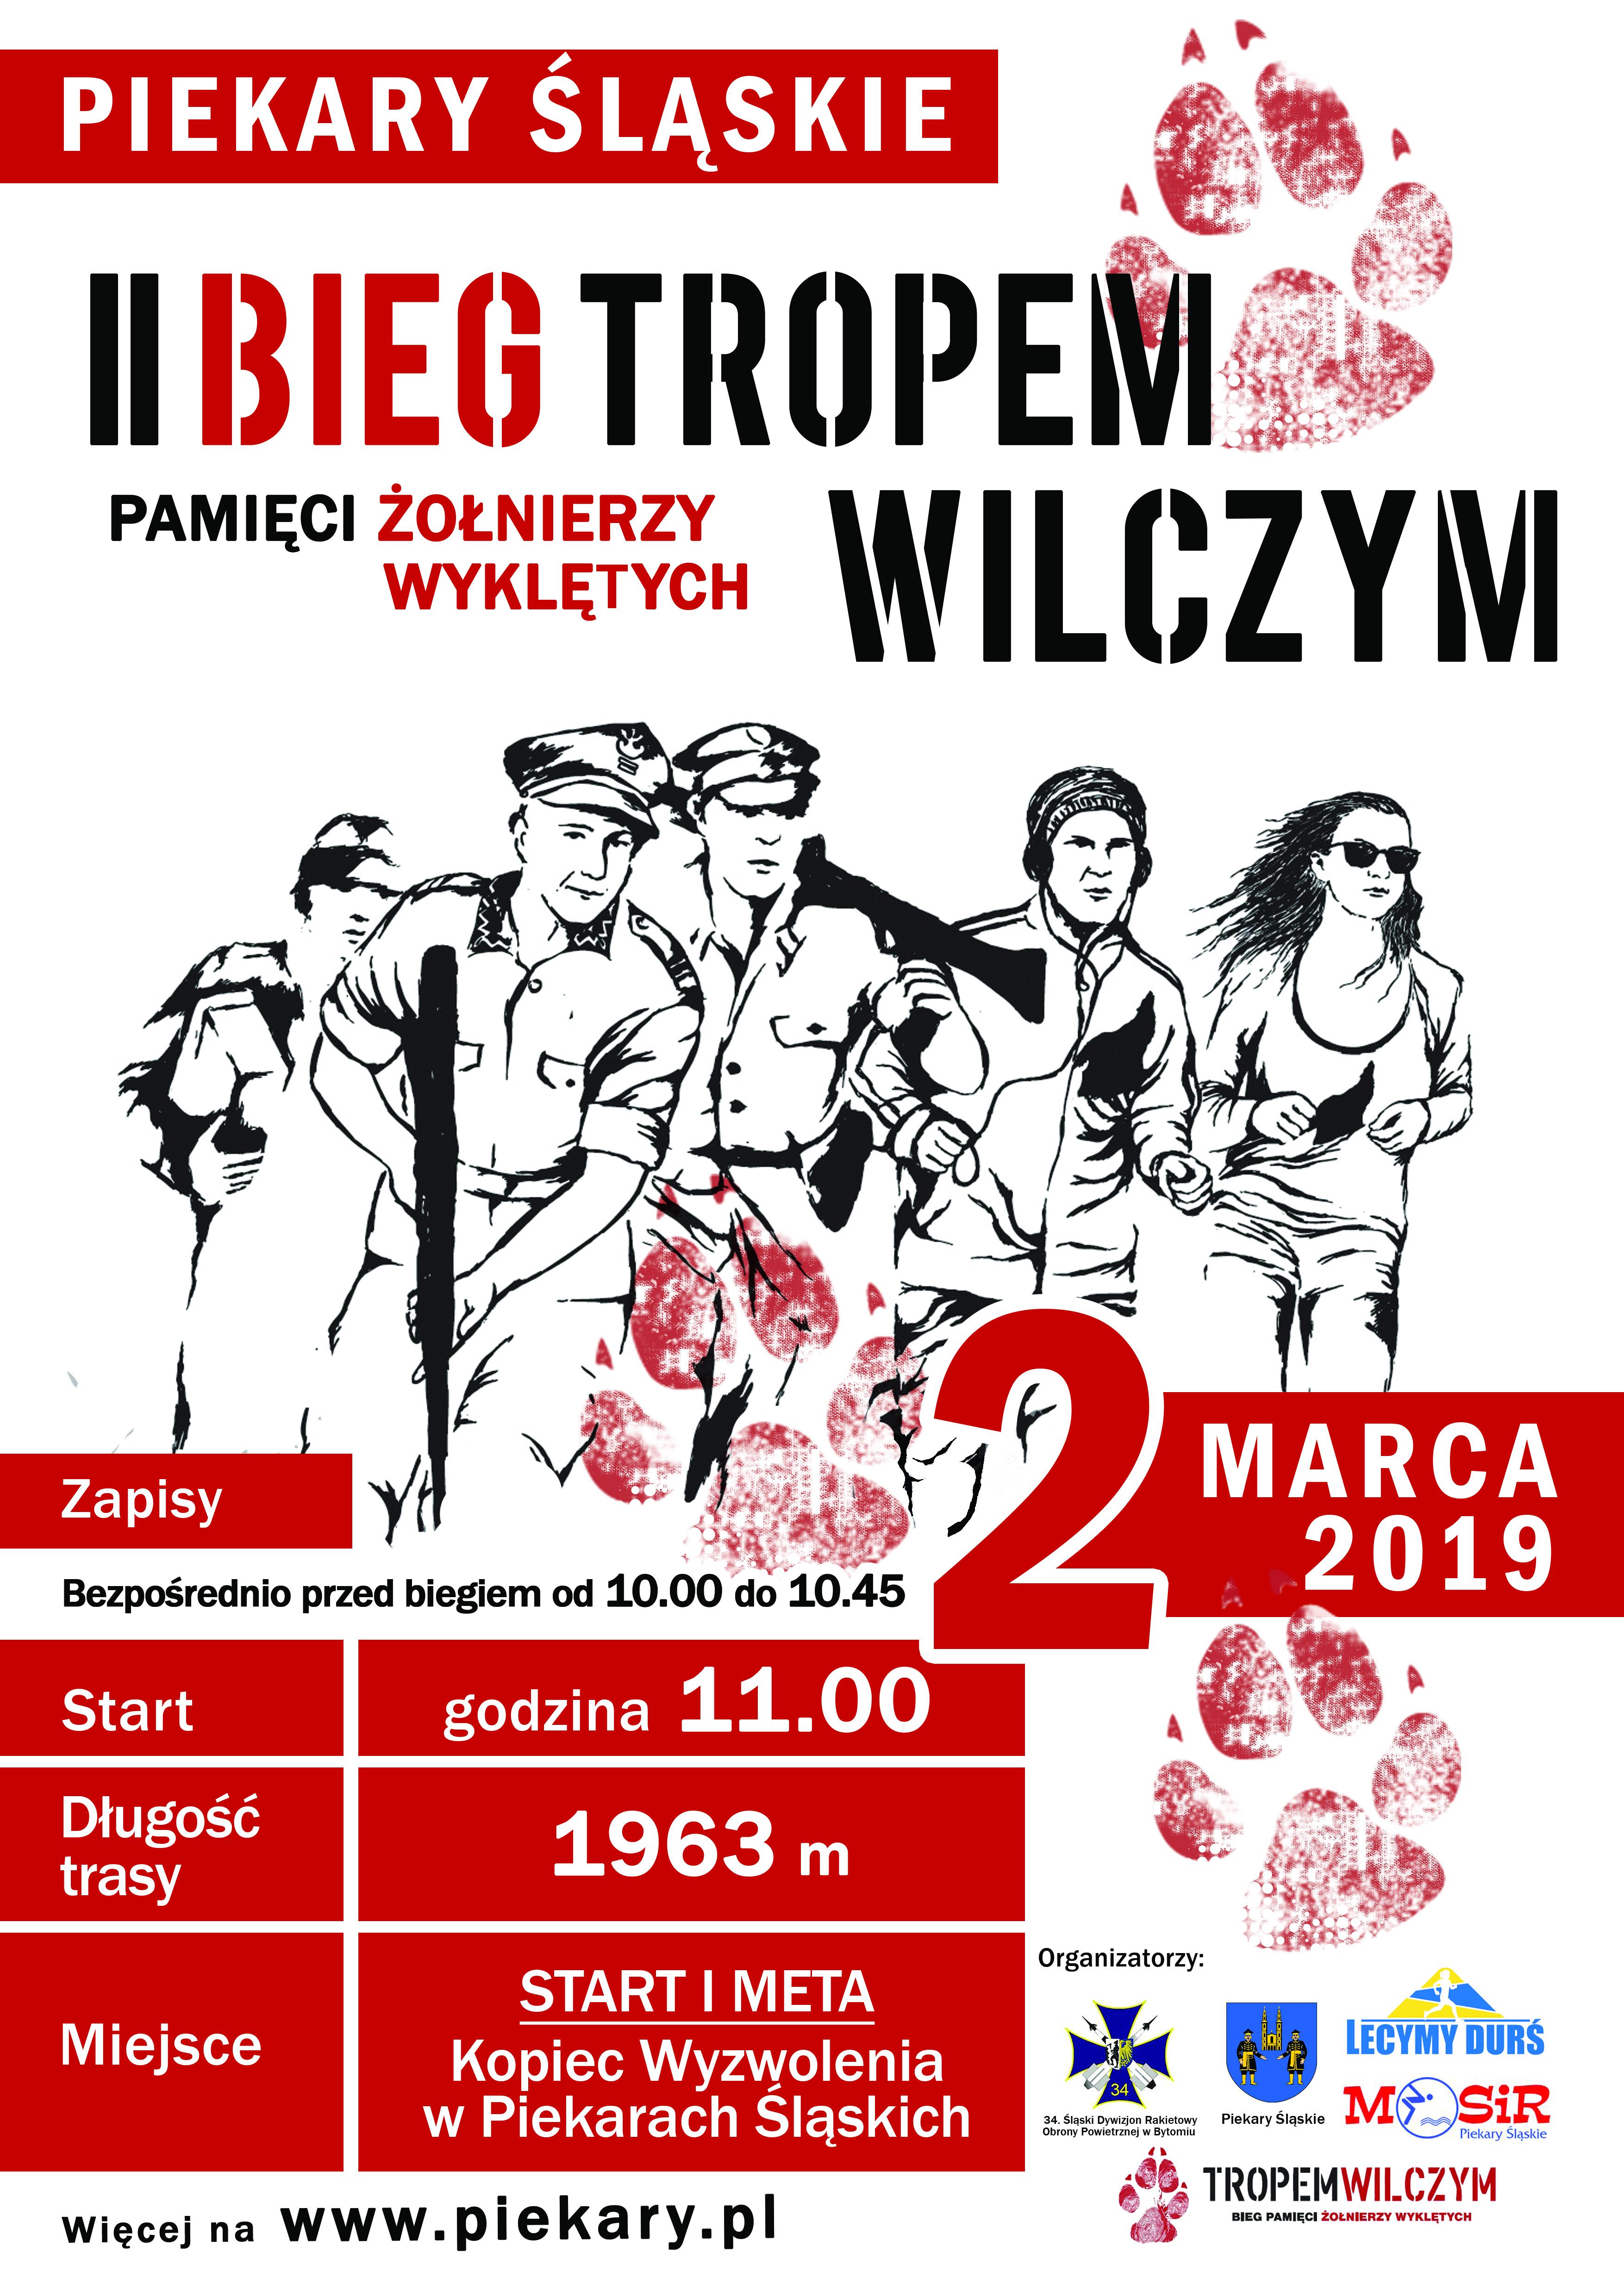 Bieg-tropem-wilczym-2019-PLAKAT